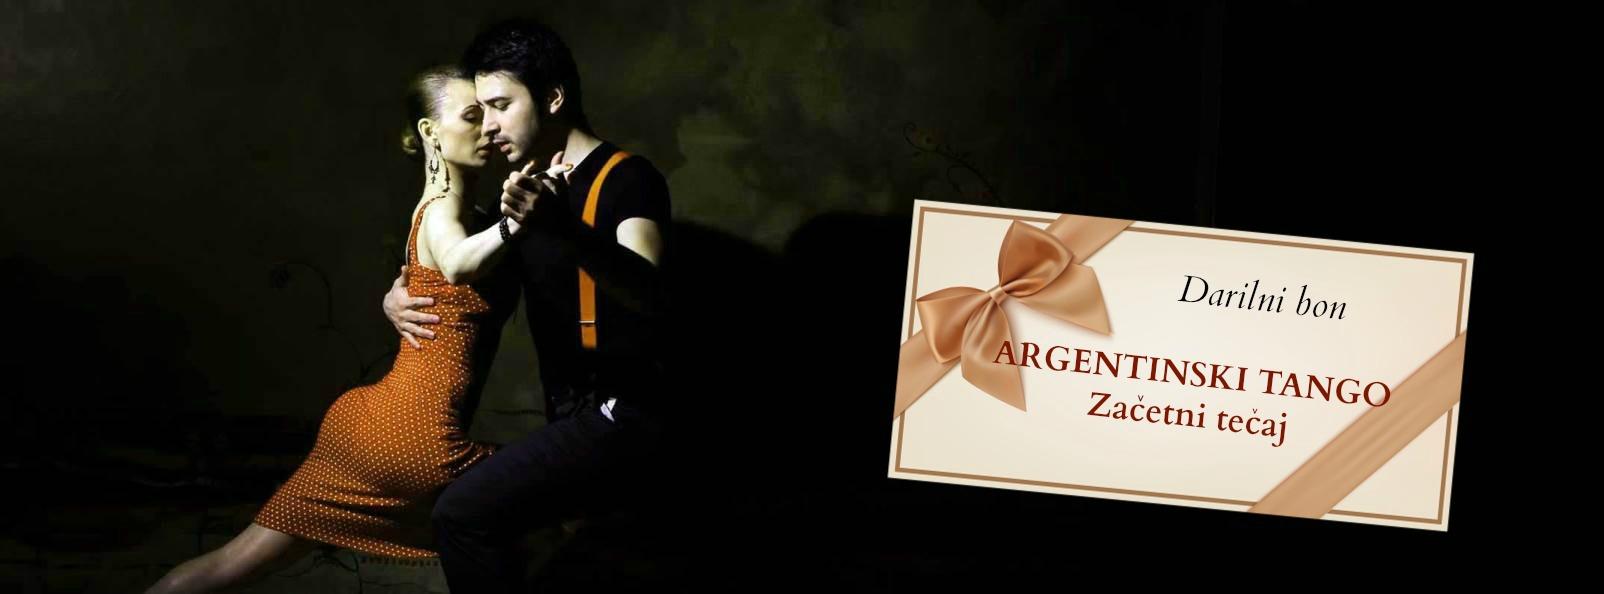 tangolayer6